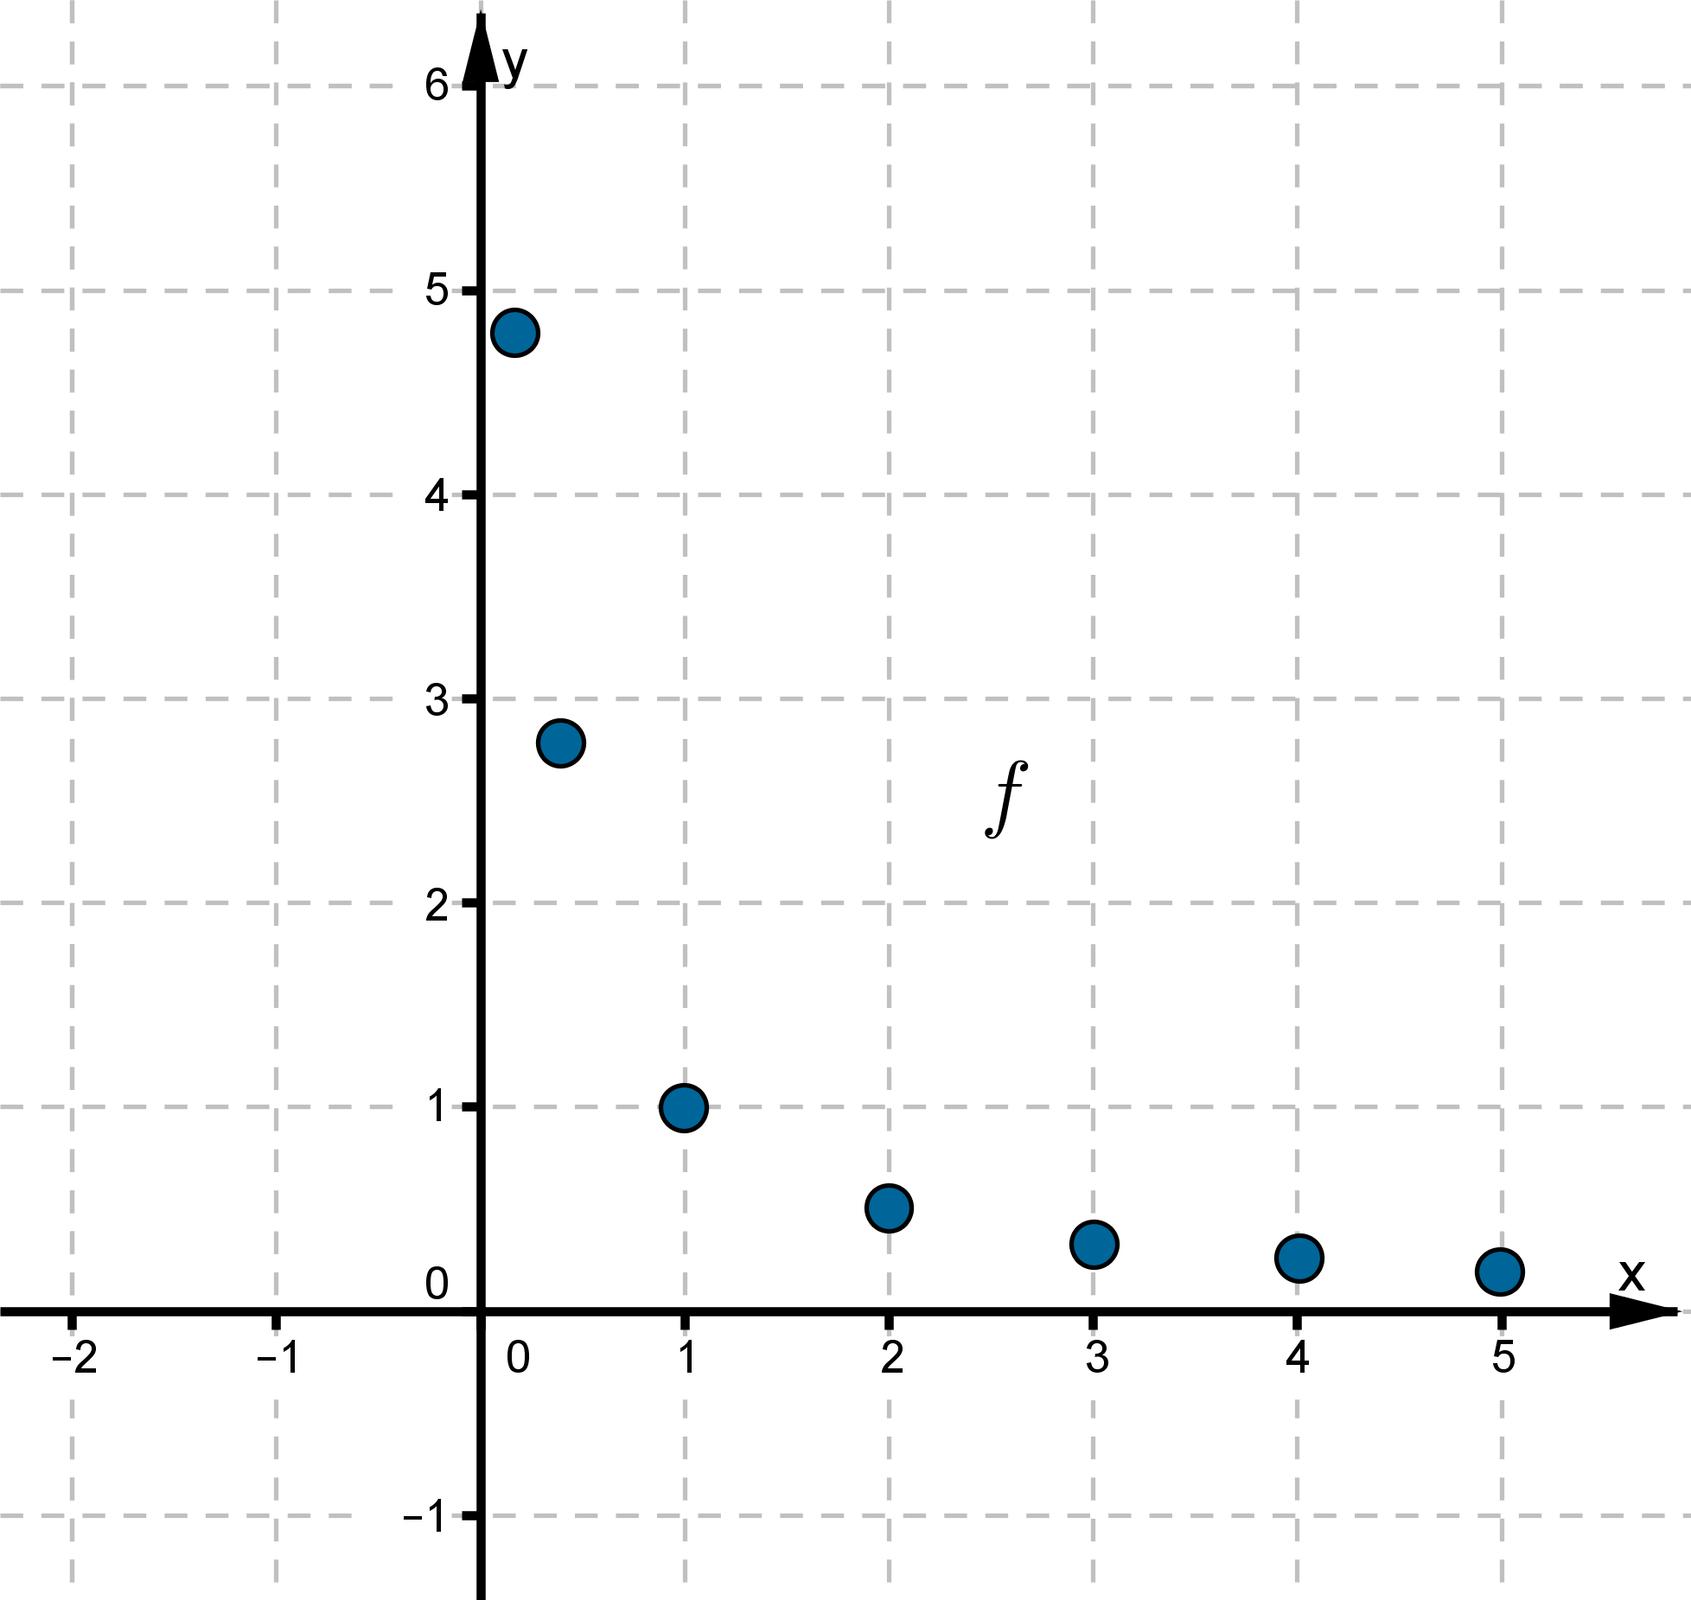 Wykres funkcji składa się siedmiu punktów leżących wpierwszej ćwiartce układu współrzędnych. Dla każdego punktu wraz ze wzrostem argumentu maleje wartość funkcji.